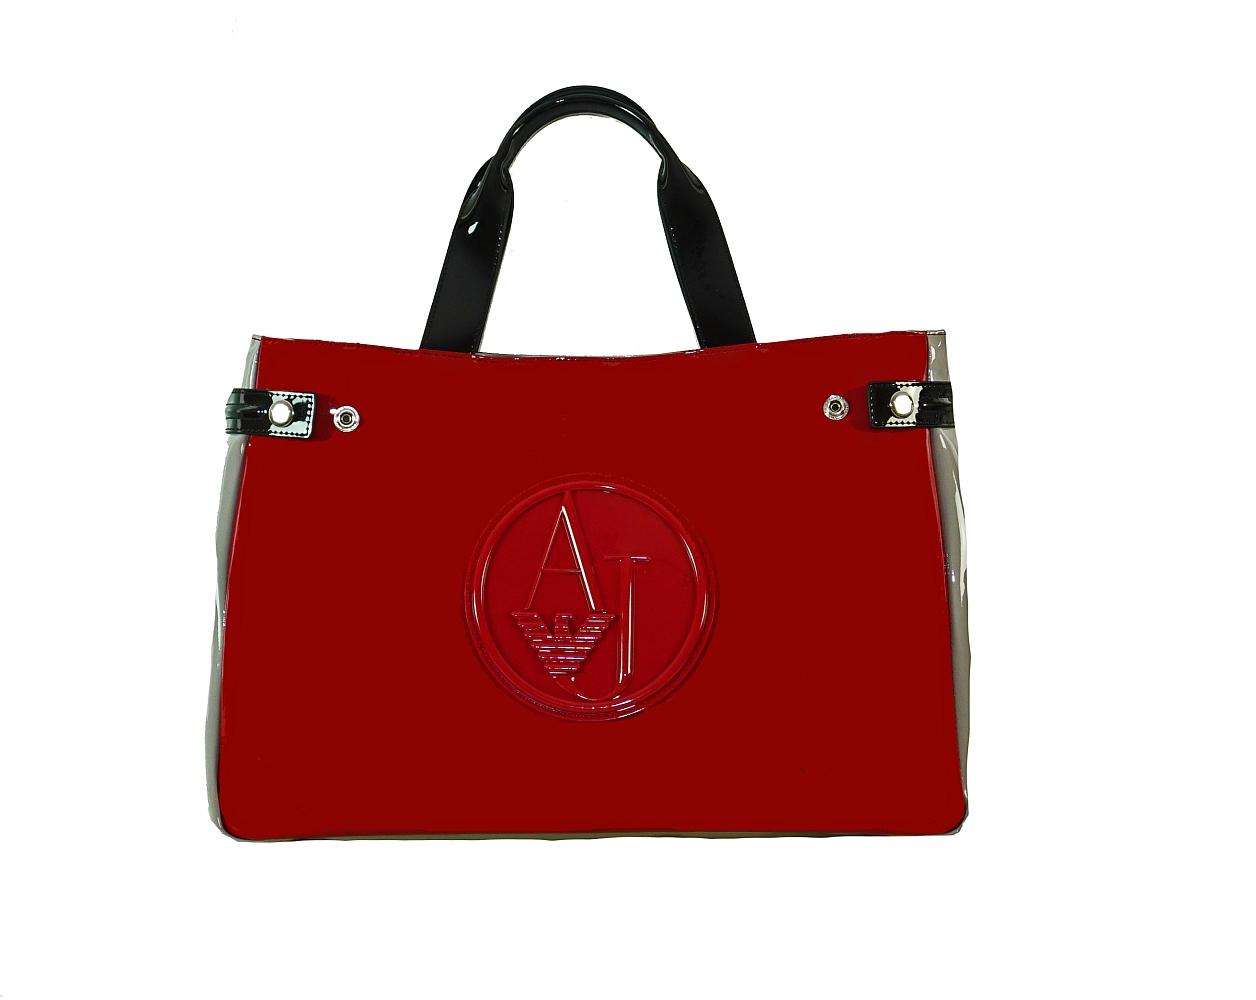 Armani Jeans Tasche Handtasche f. Damen 922548 CC852 07376 burgundy HW16